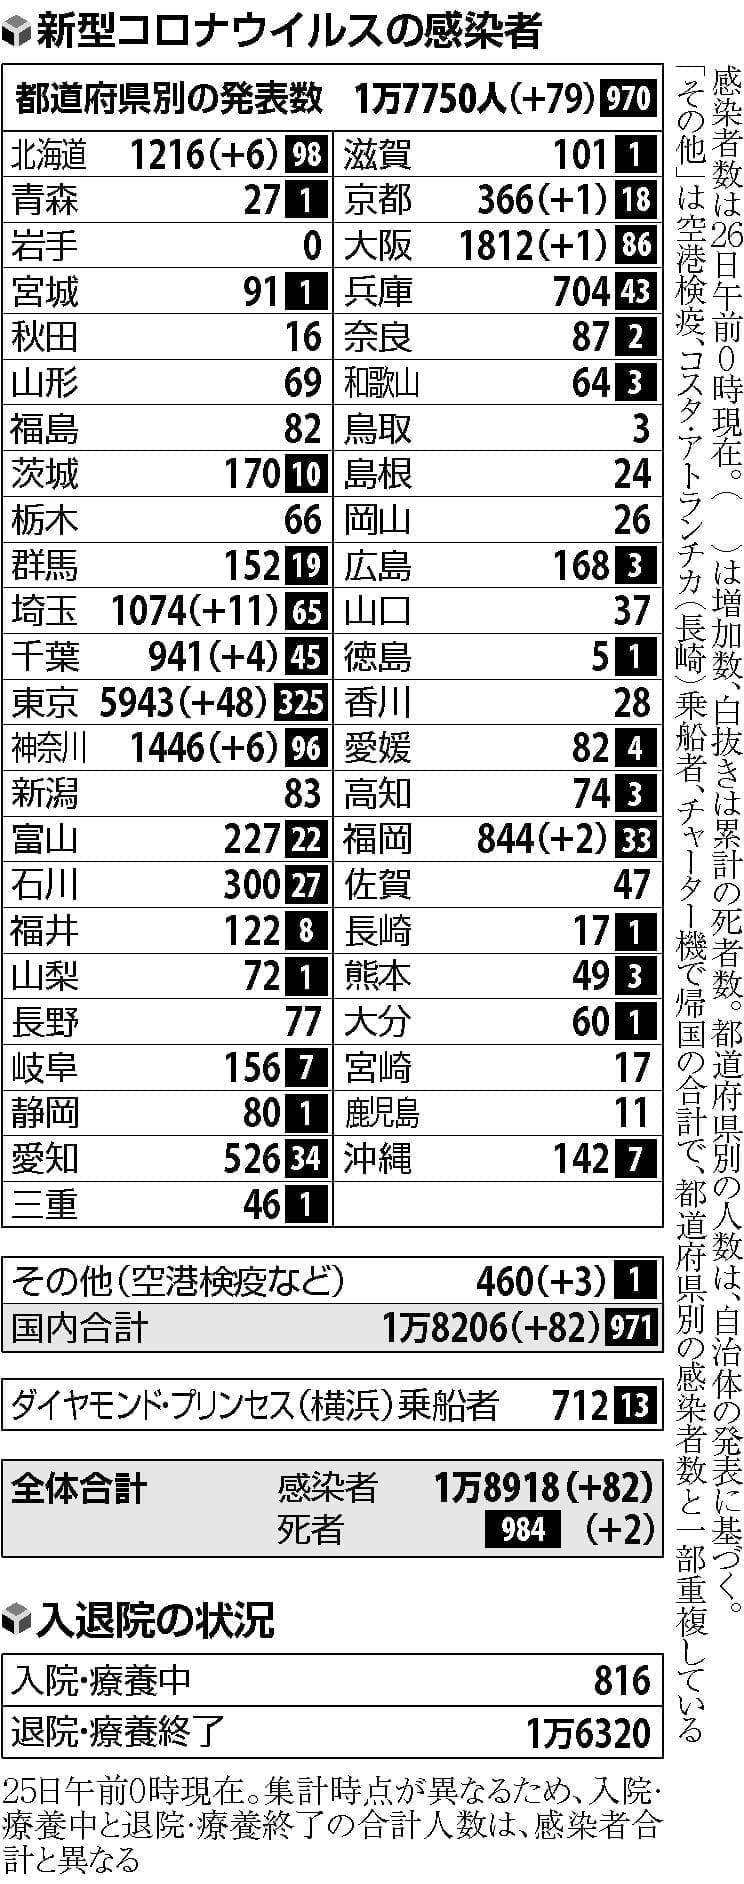 東京都内の新規感染者、高水準続く…「夜の街」21人含む48人